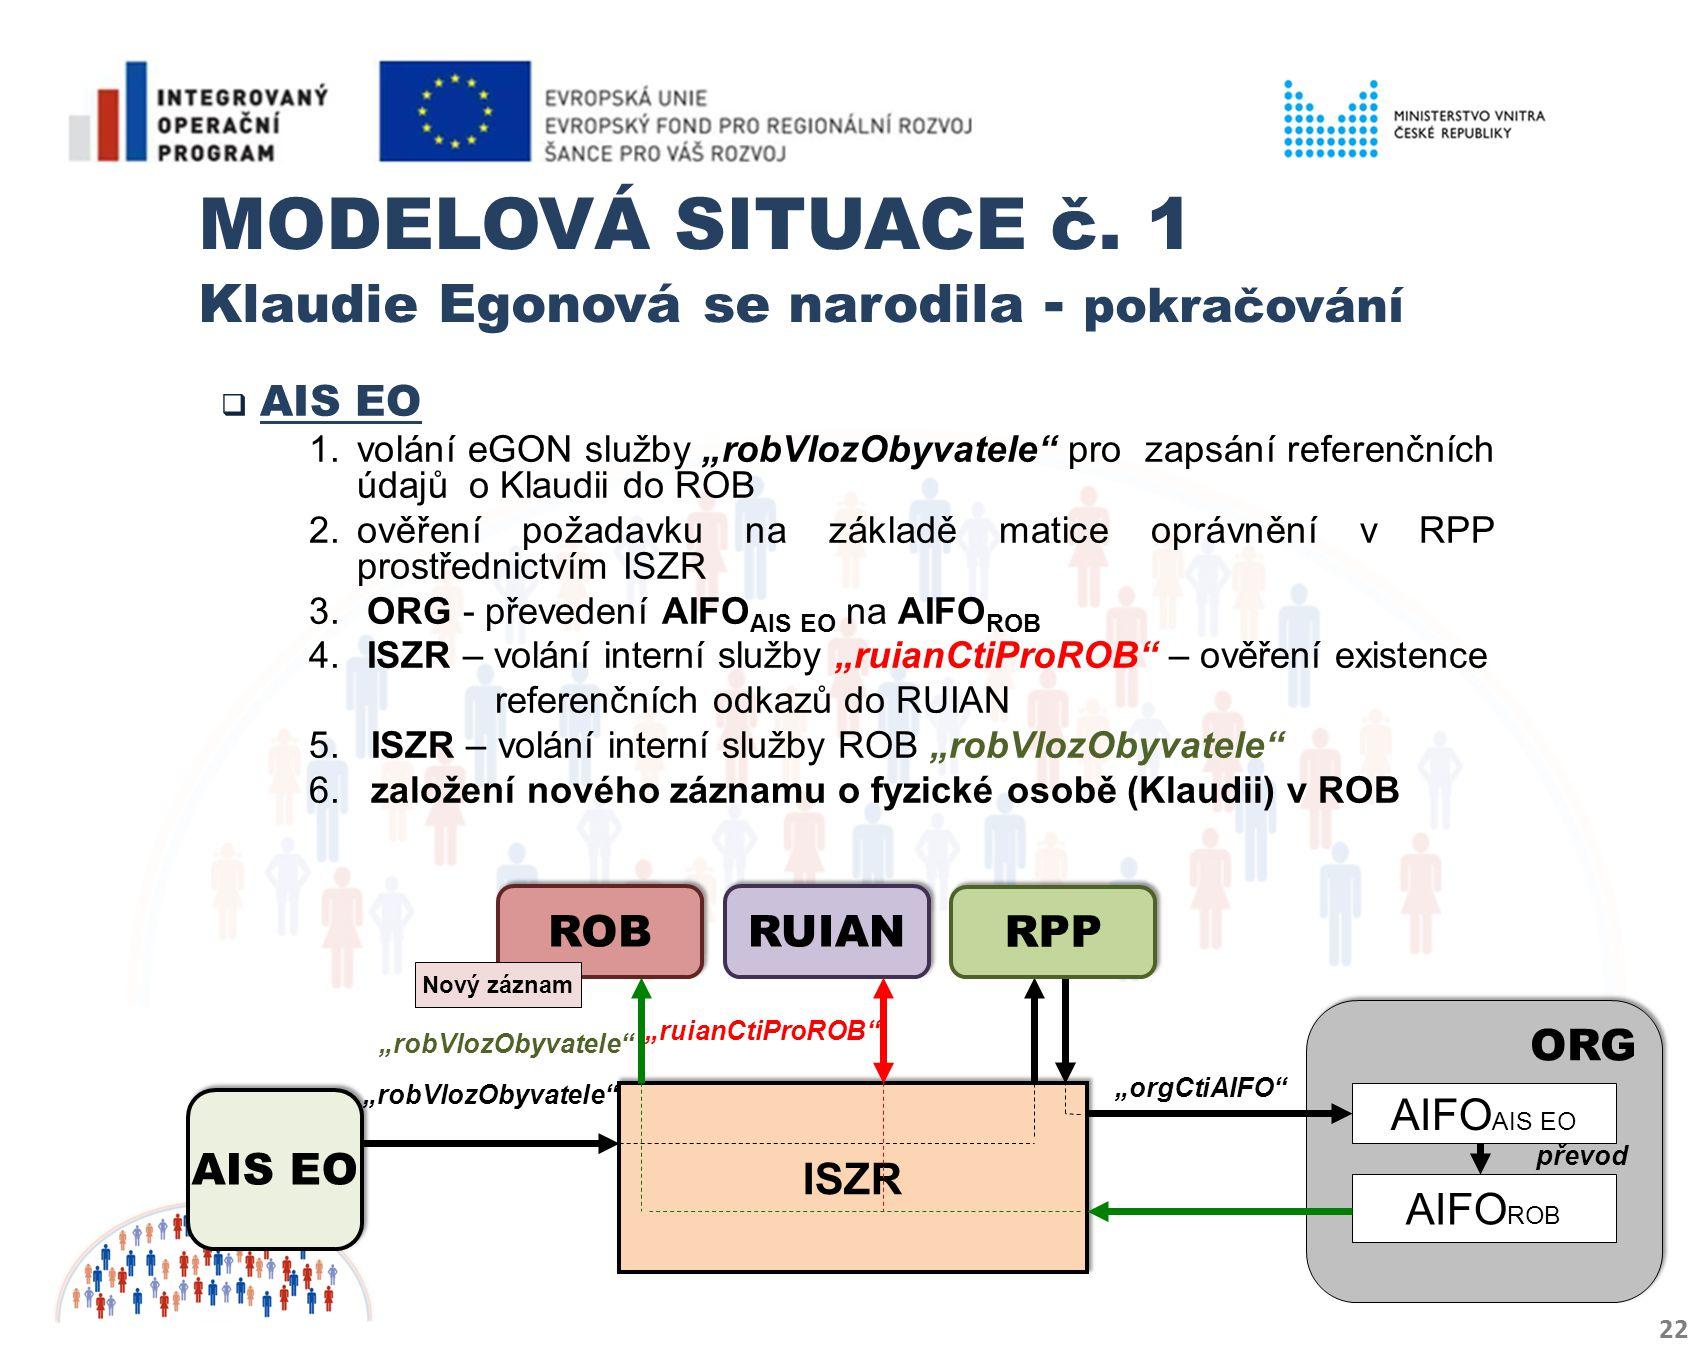 """ AIS EO 1.volání eGON služby """"robVlozObyvatele pro zapsání referenčních údajů o Klaudii do ROB 2.ověření požadavku na základě matice oprávnění v RPP prostřednictvím ISZR 3."""